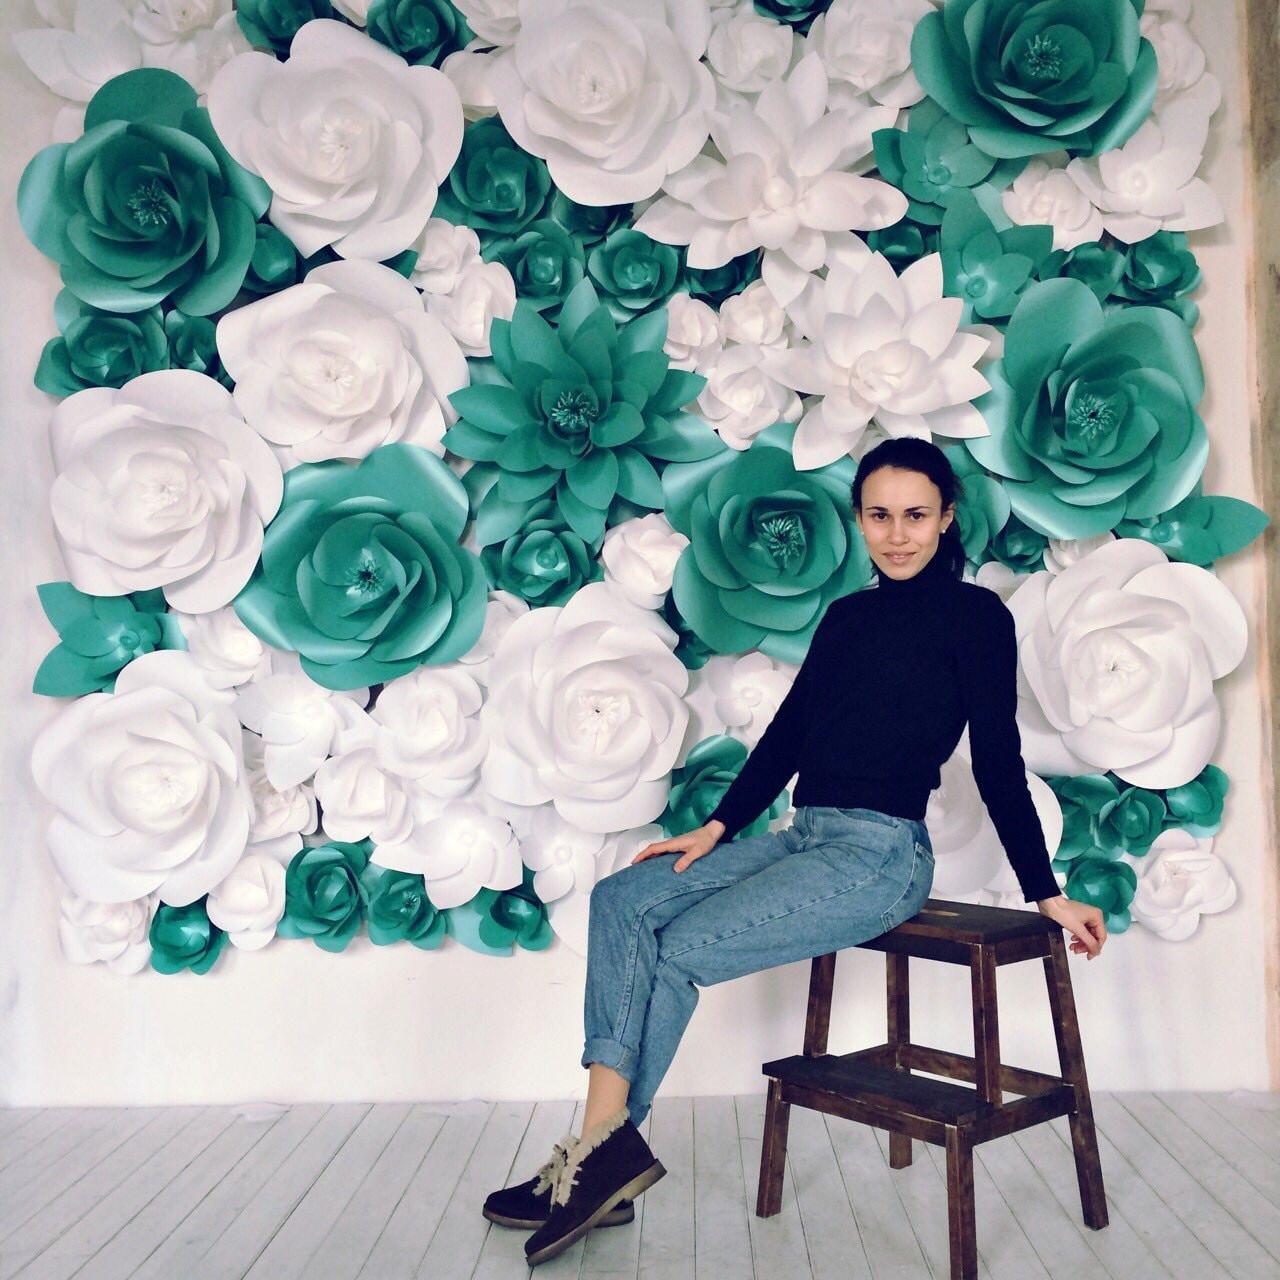 Paper flower wedding wall goalblockety paper flower wedding wall mightylinksfo